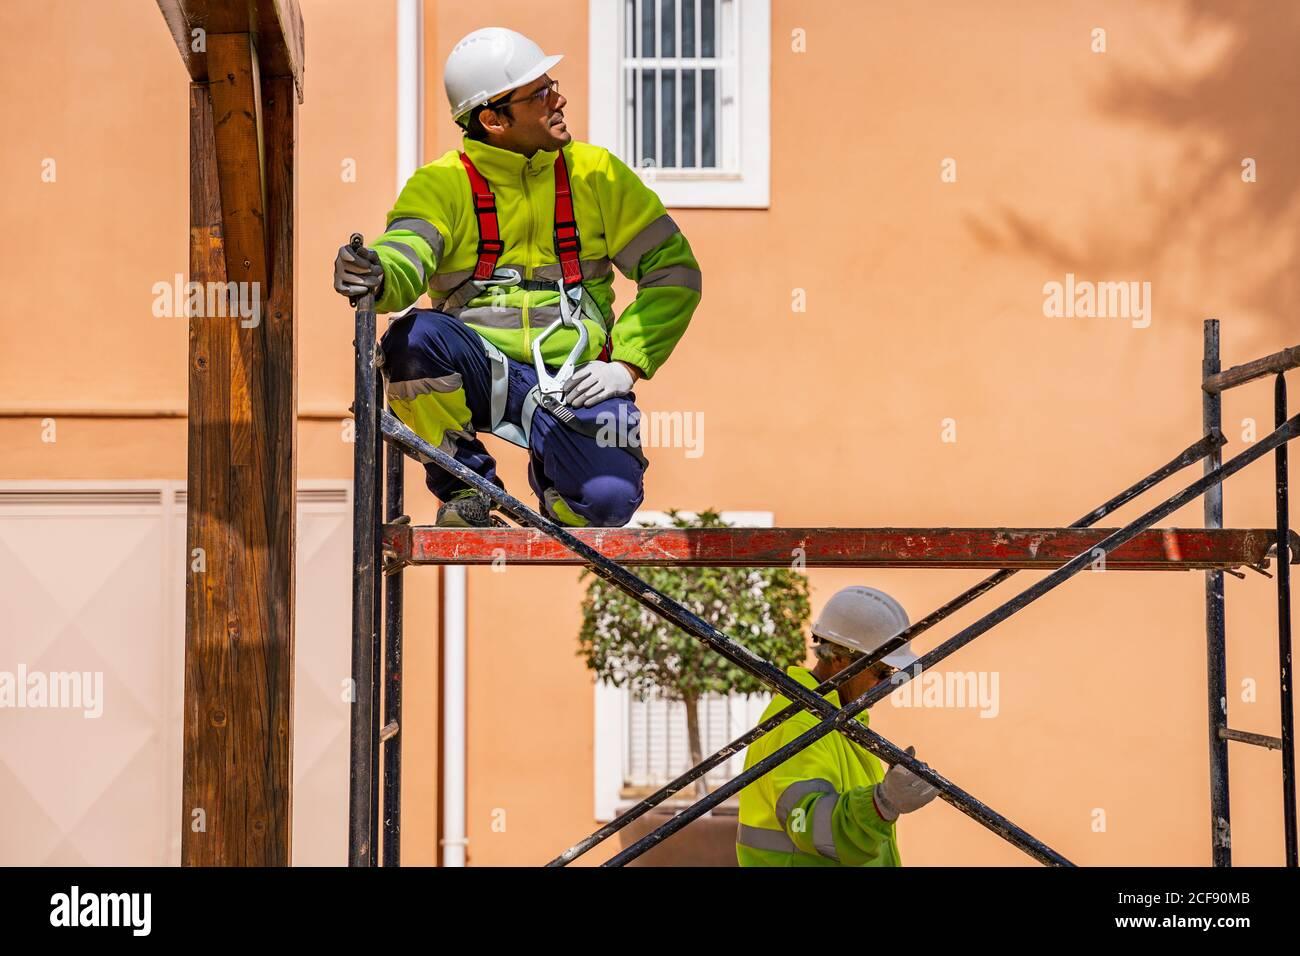 Ingénieur professionnel en uniforme et casque assis sur un échafaudage et regarder loin en travaillant avec un collègue sur l'entretien de l'électricité équipement près du bâtiment résidentiel Banque D'Images